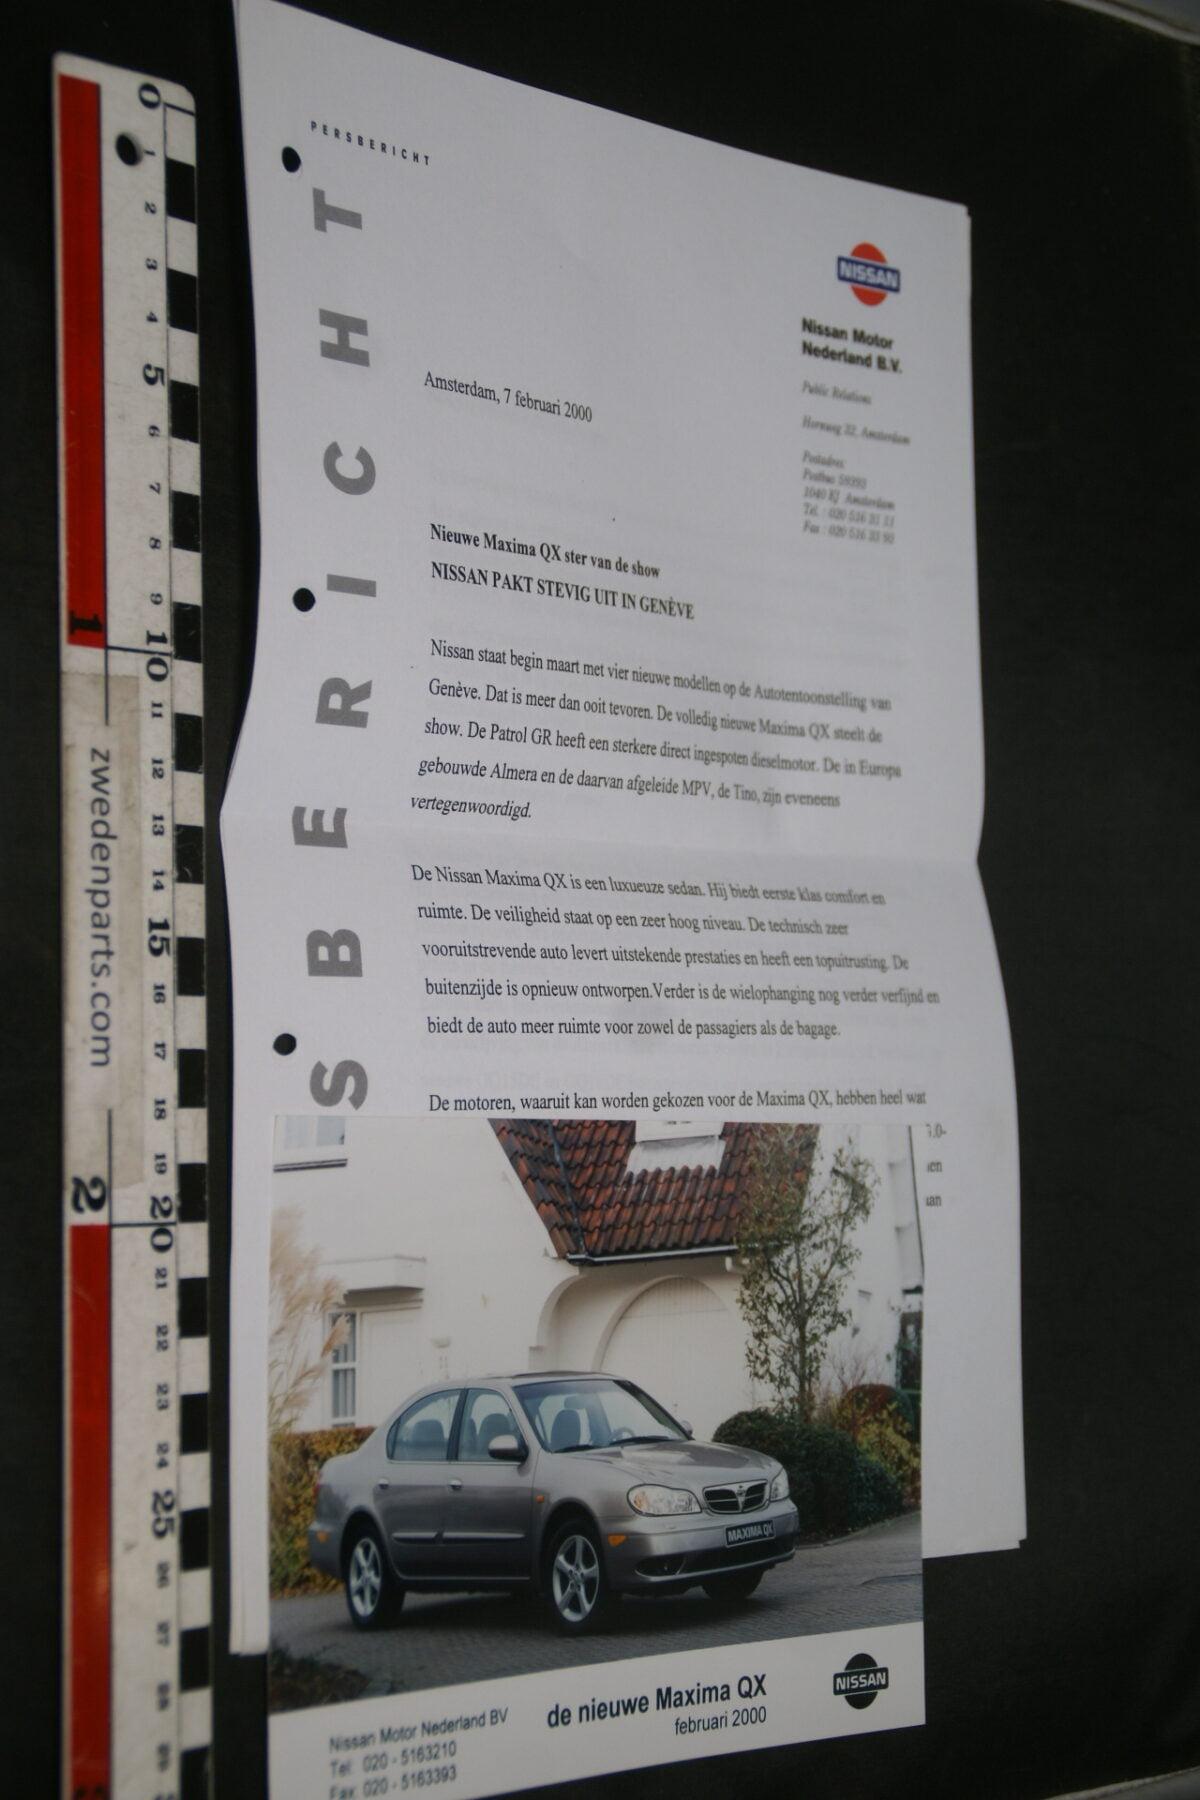 DSC02447 2000 originele persbericht Nissan-02802627